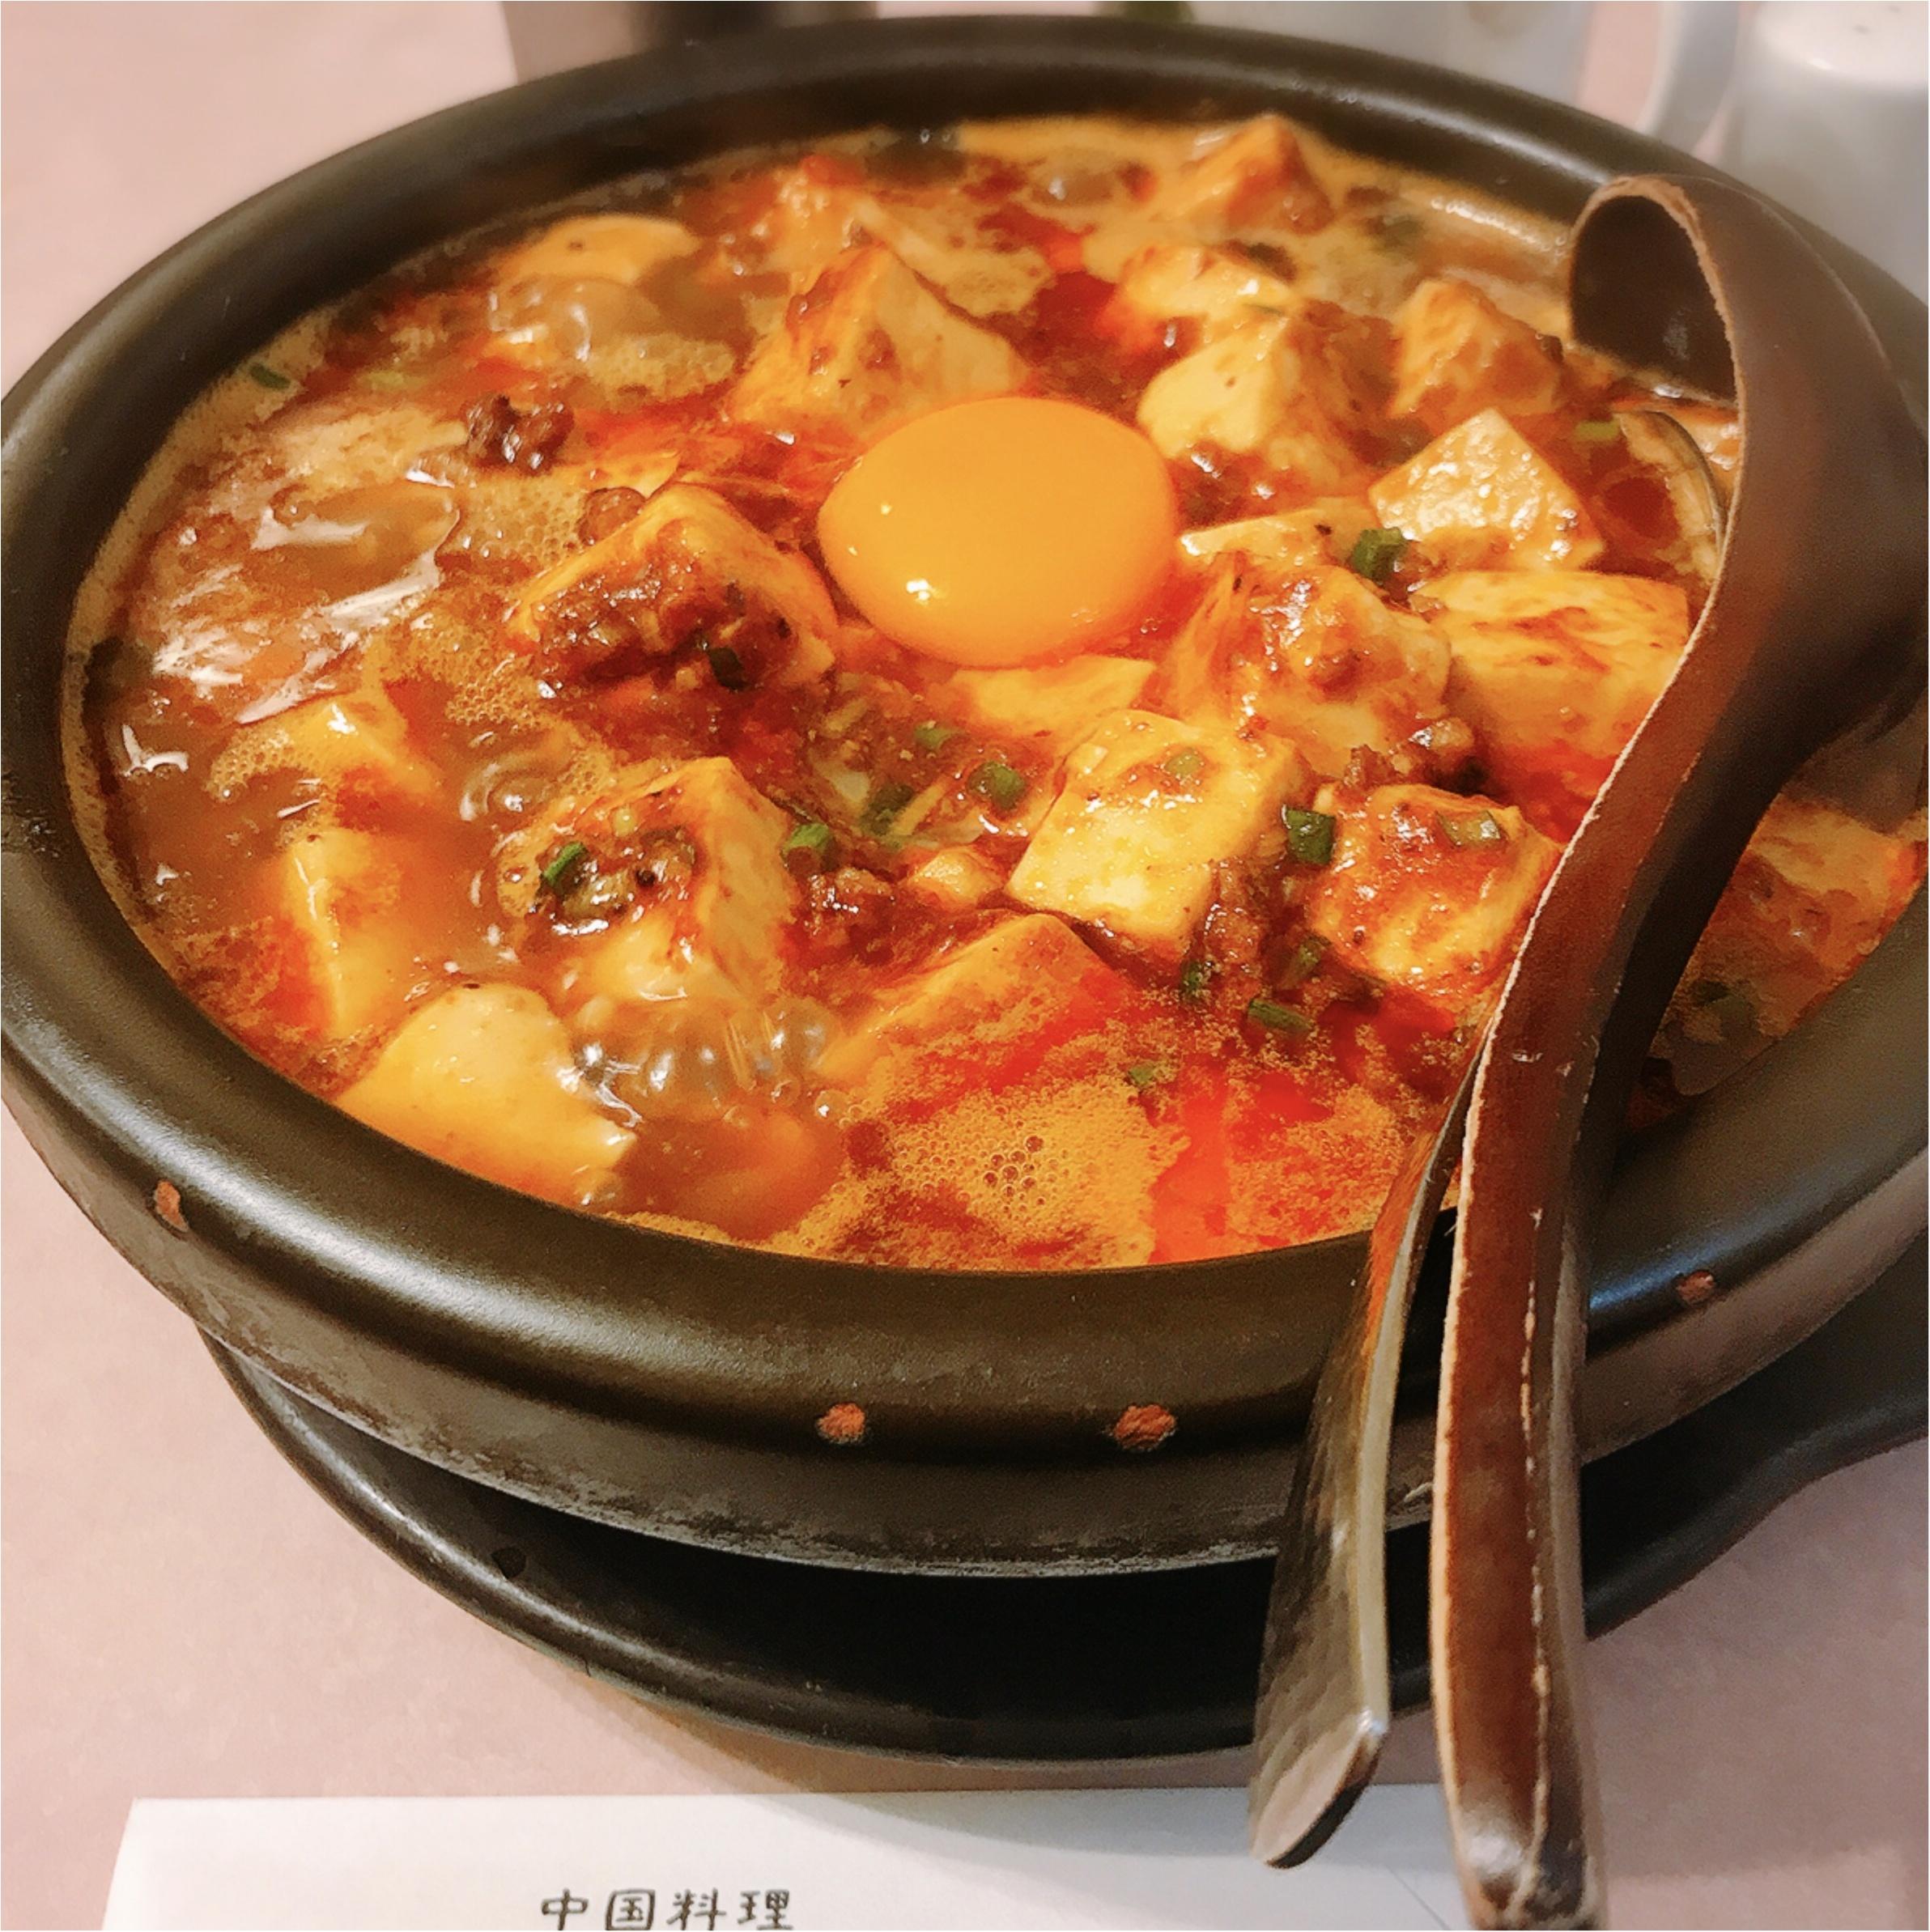 辛うま!!《源来酒家》の人気メニュー「麻婆麺」を食べてきました♡_3